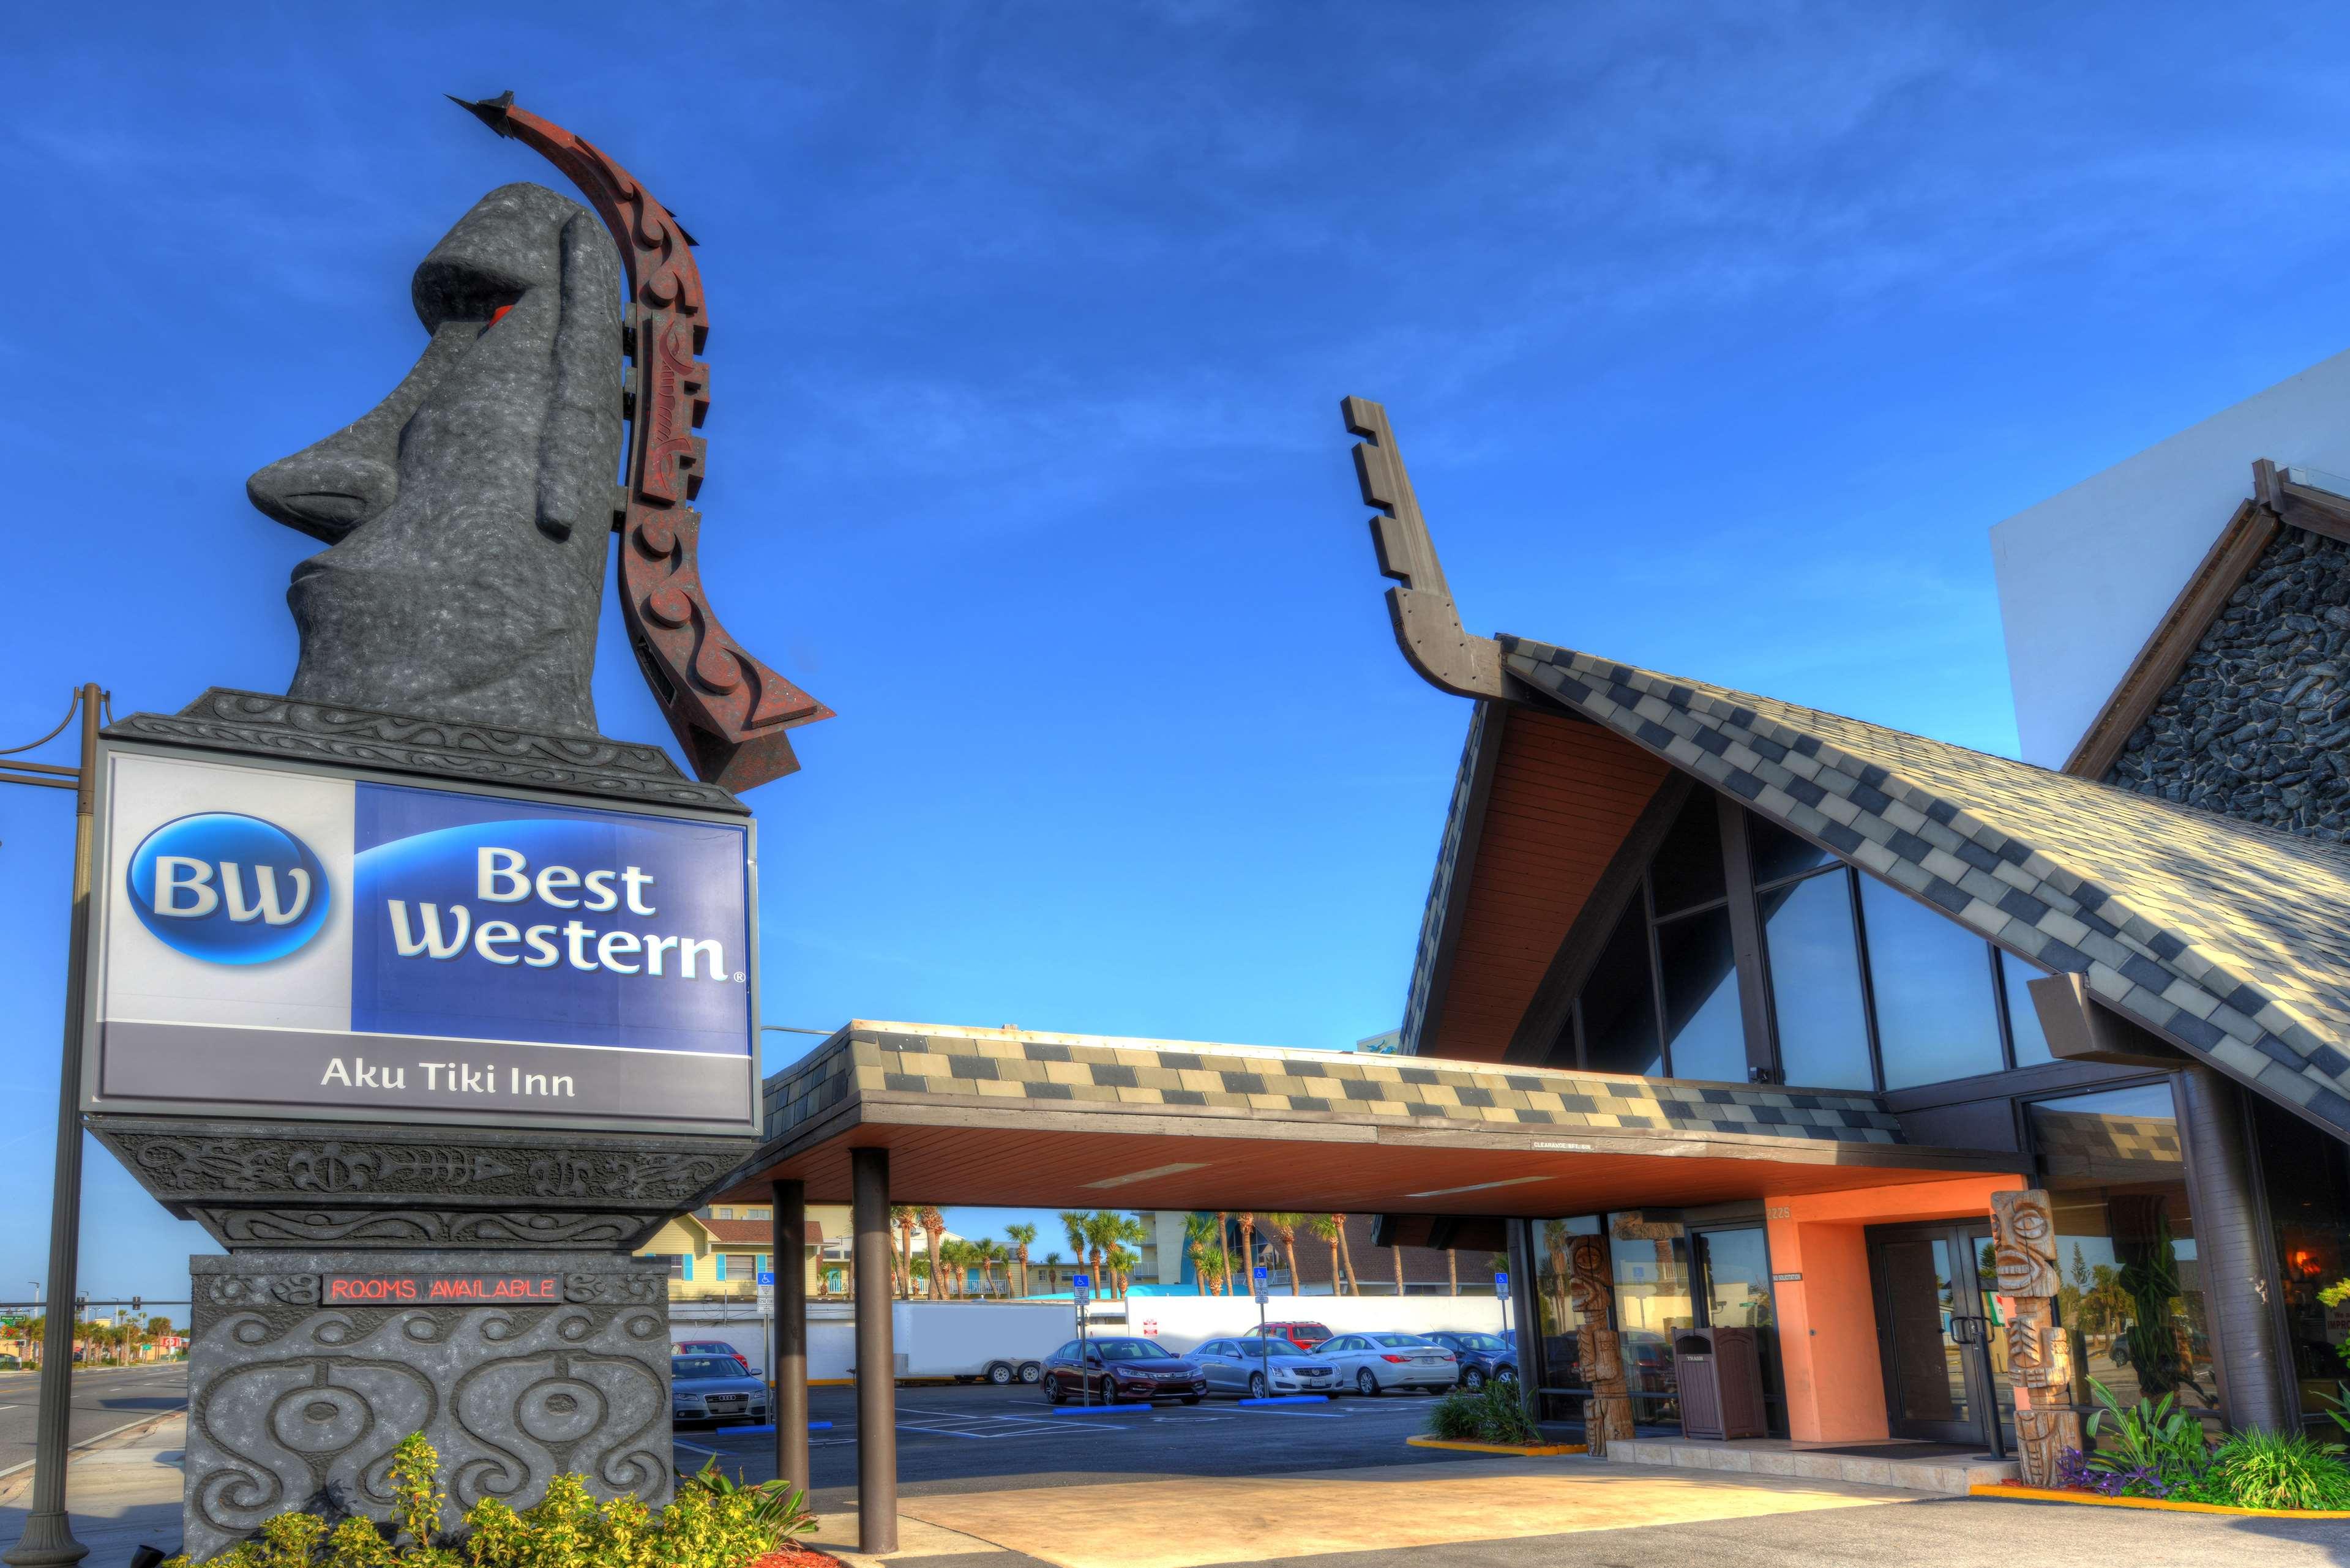 Best Western Aku Tiki Inn image 10